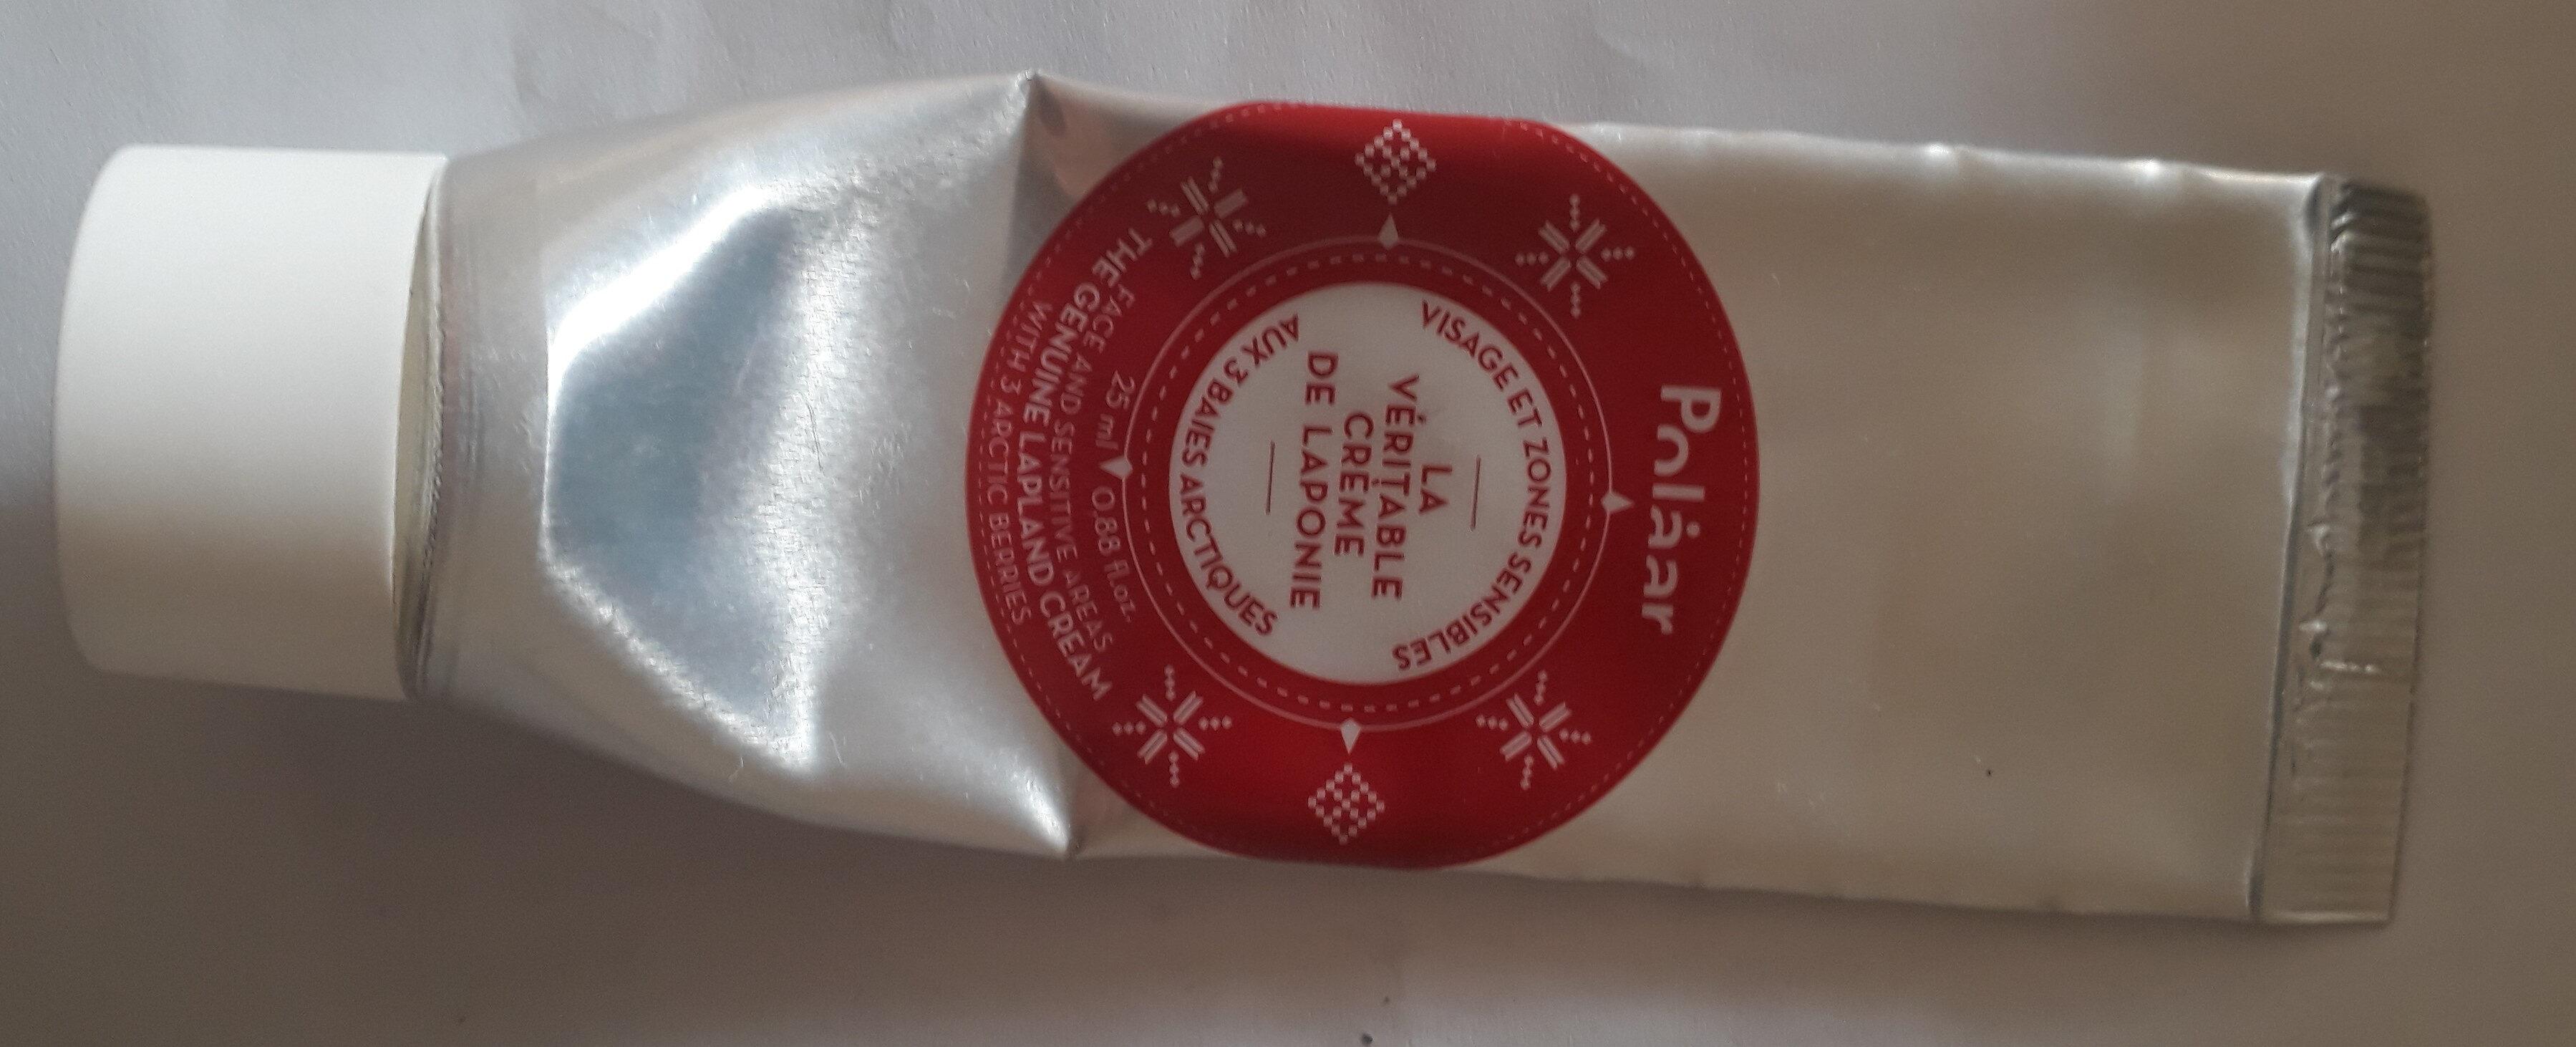 La véritable crème de Laponie - Product